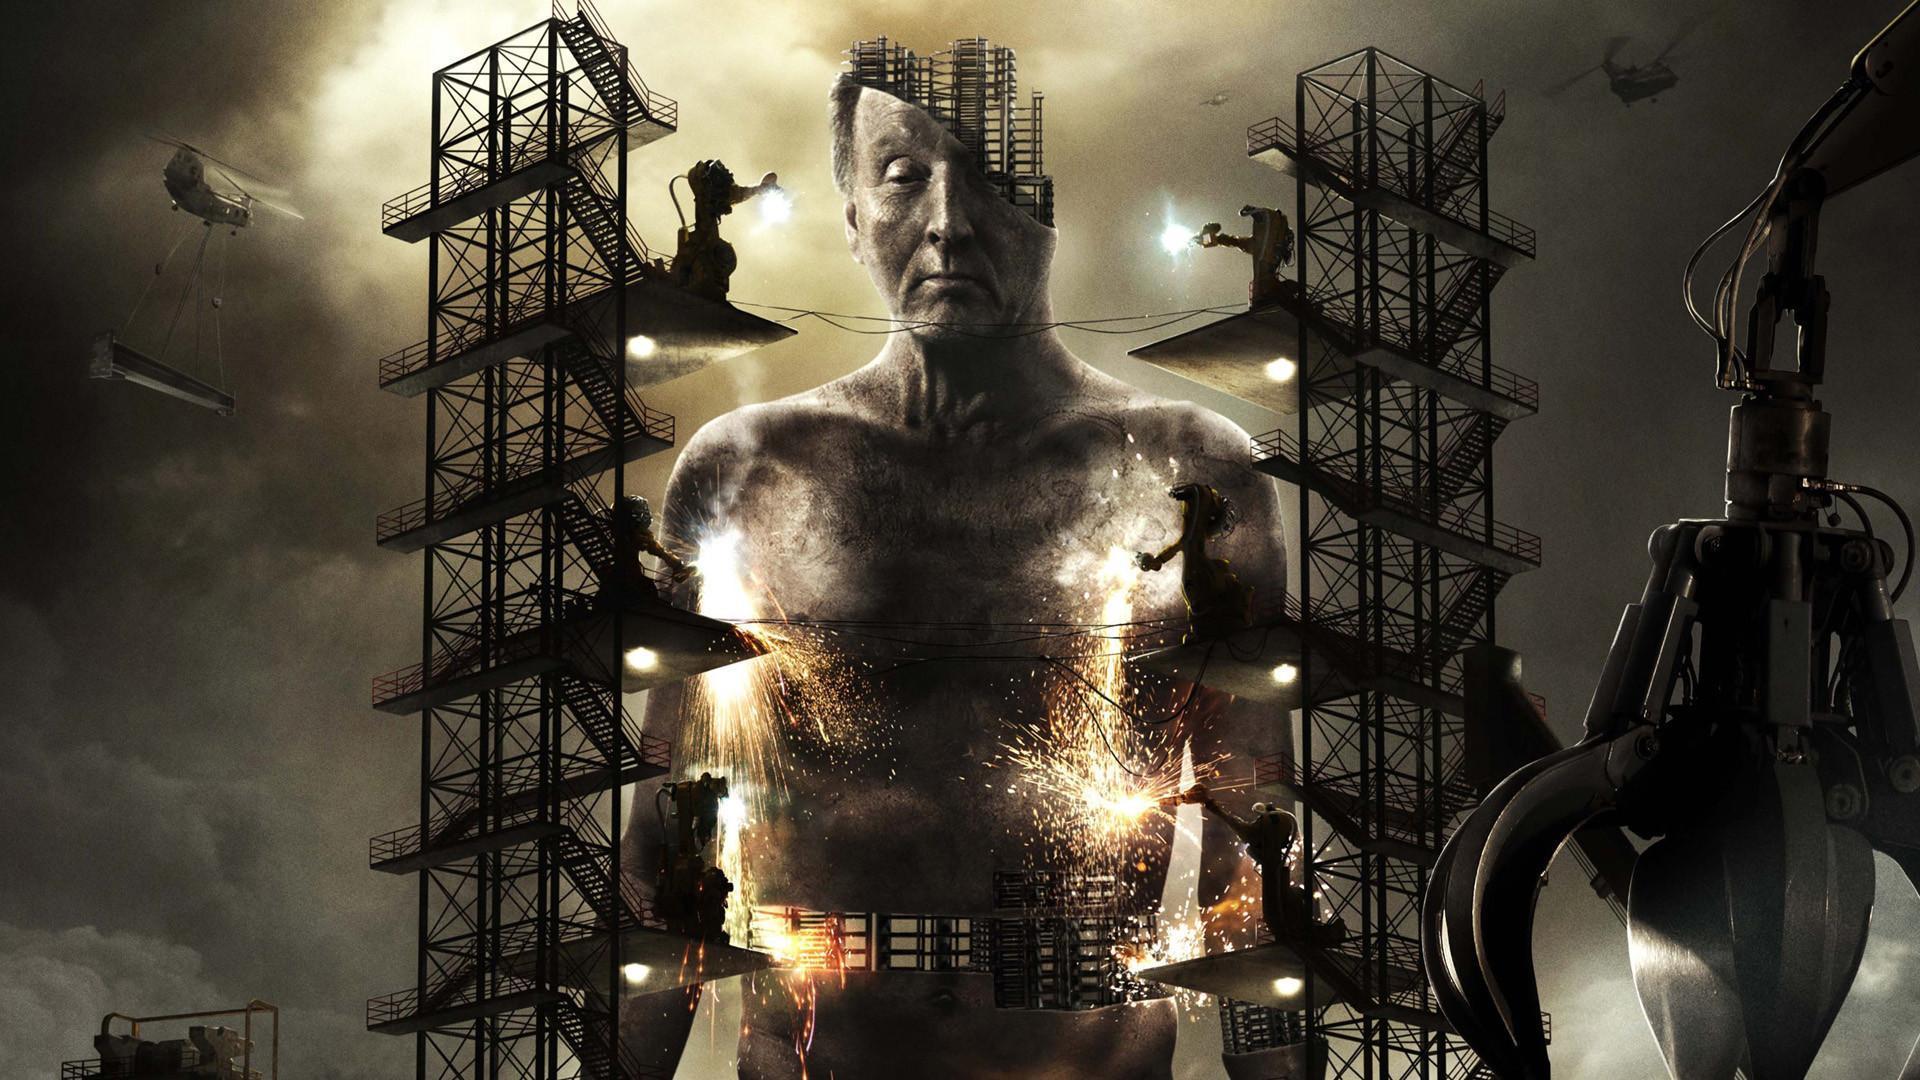 Saw 3D - Fűrész 7: Az utolsó fejezet (2010)